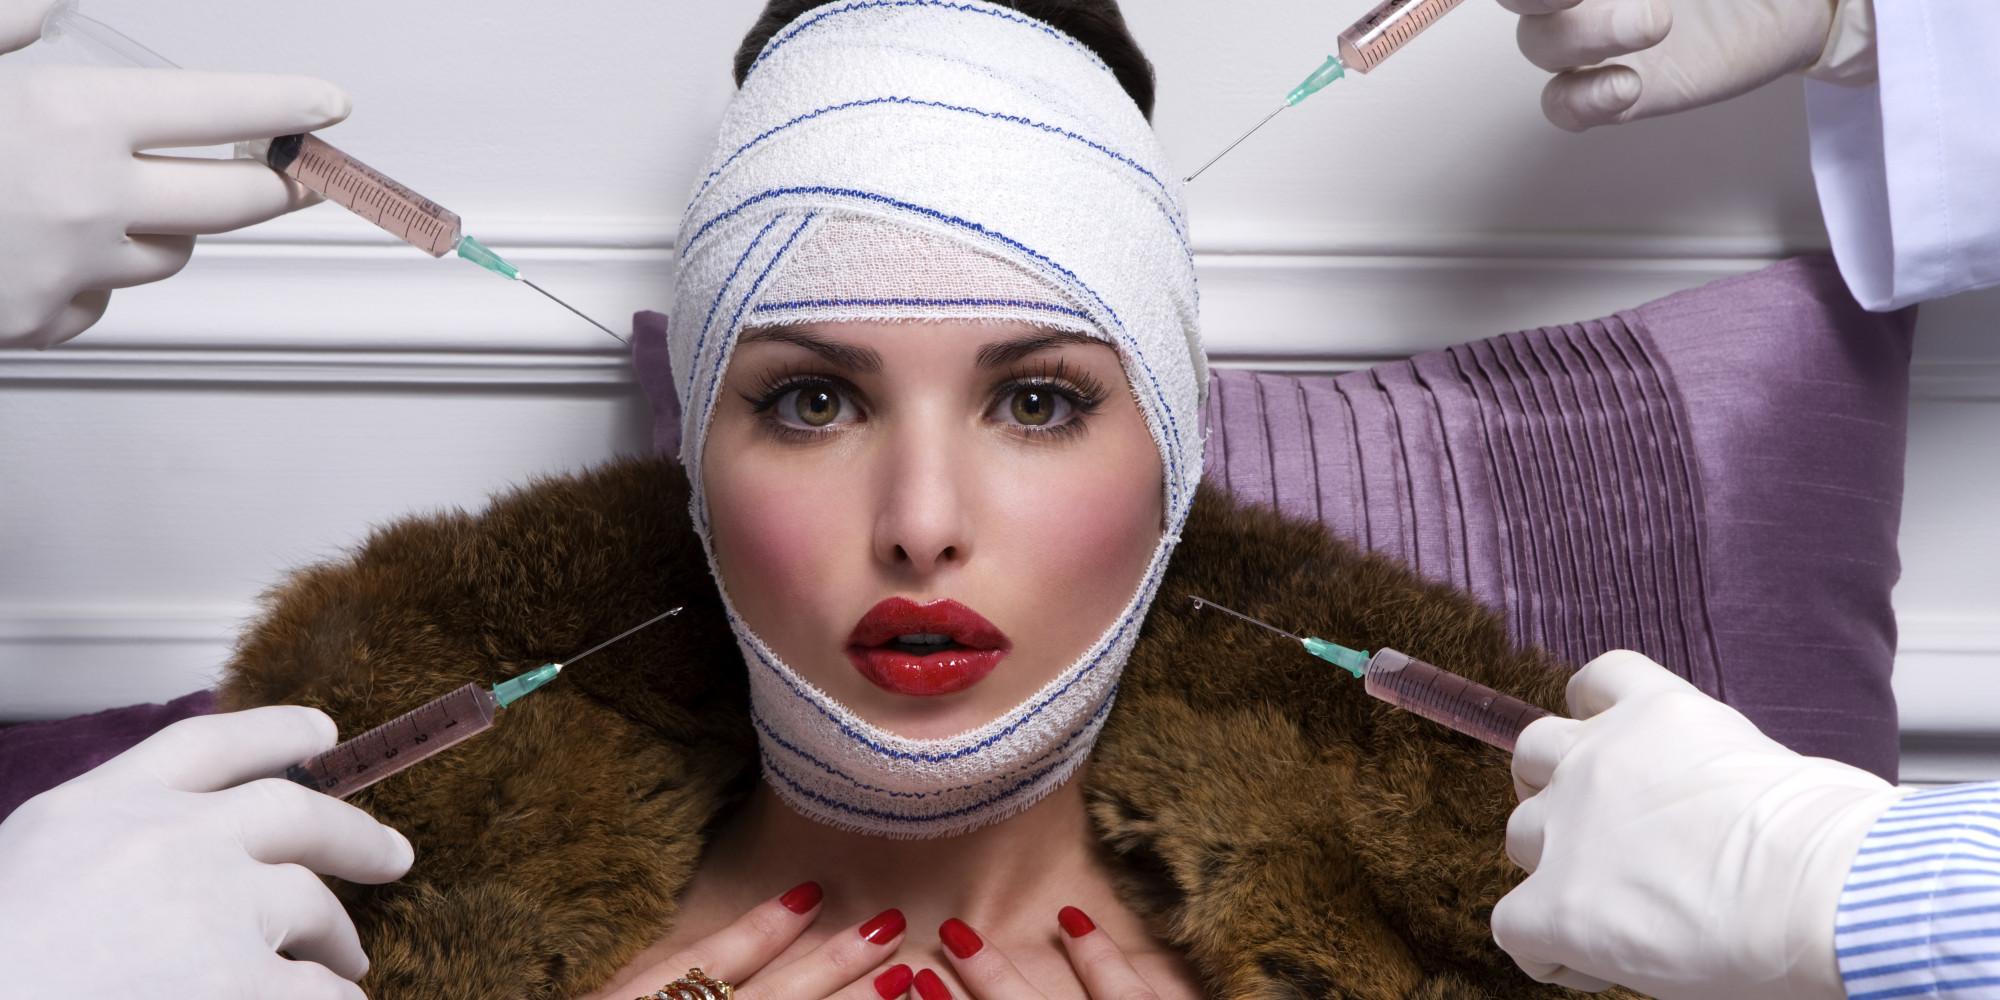 chirurgie esthétique : les tendances en 2015